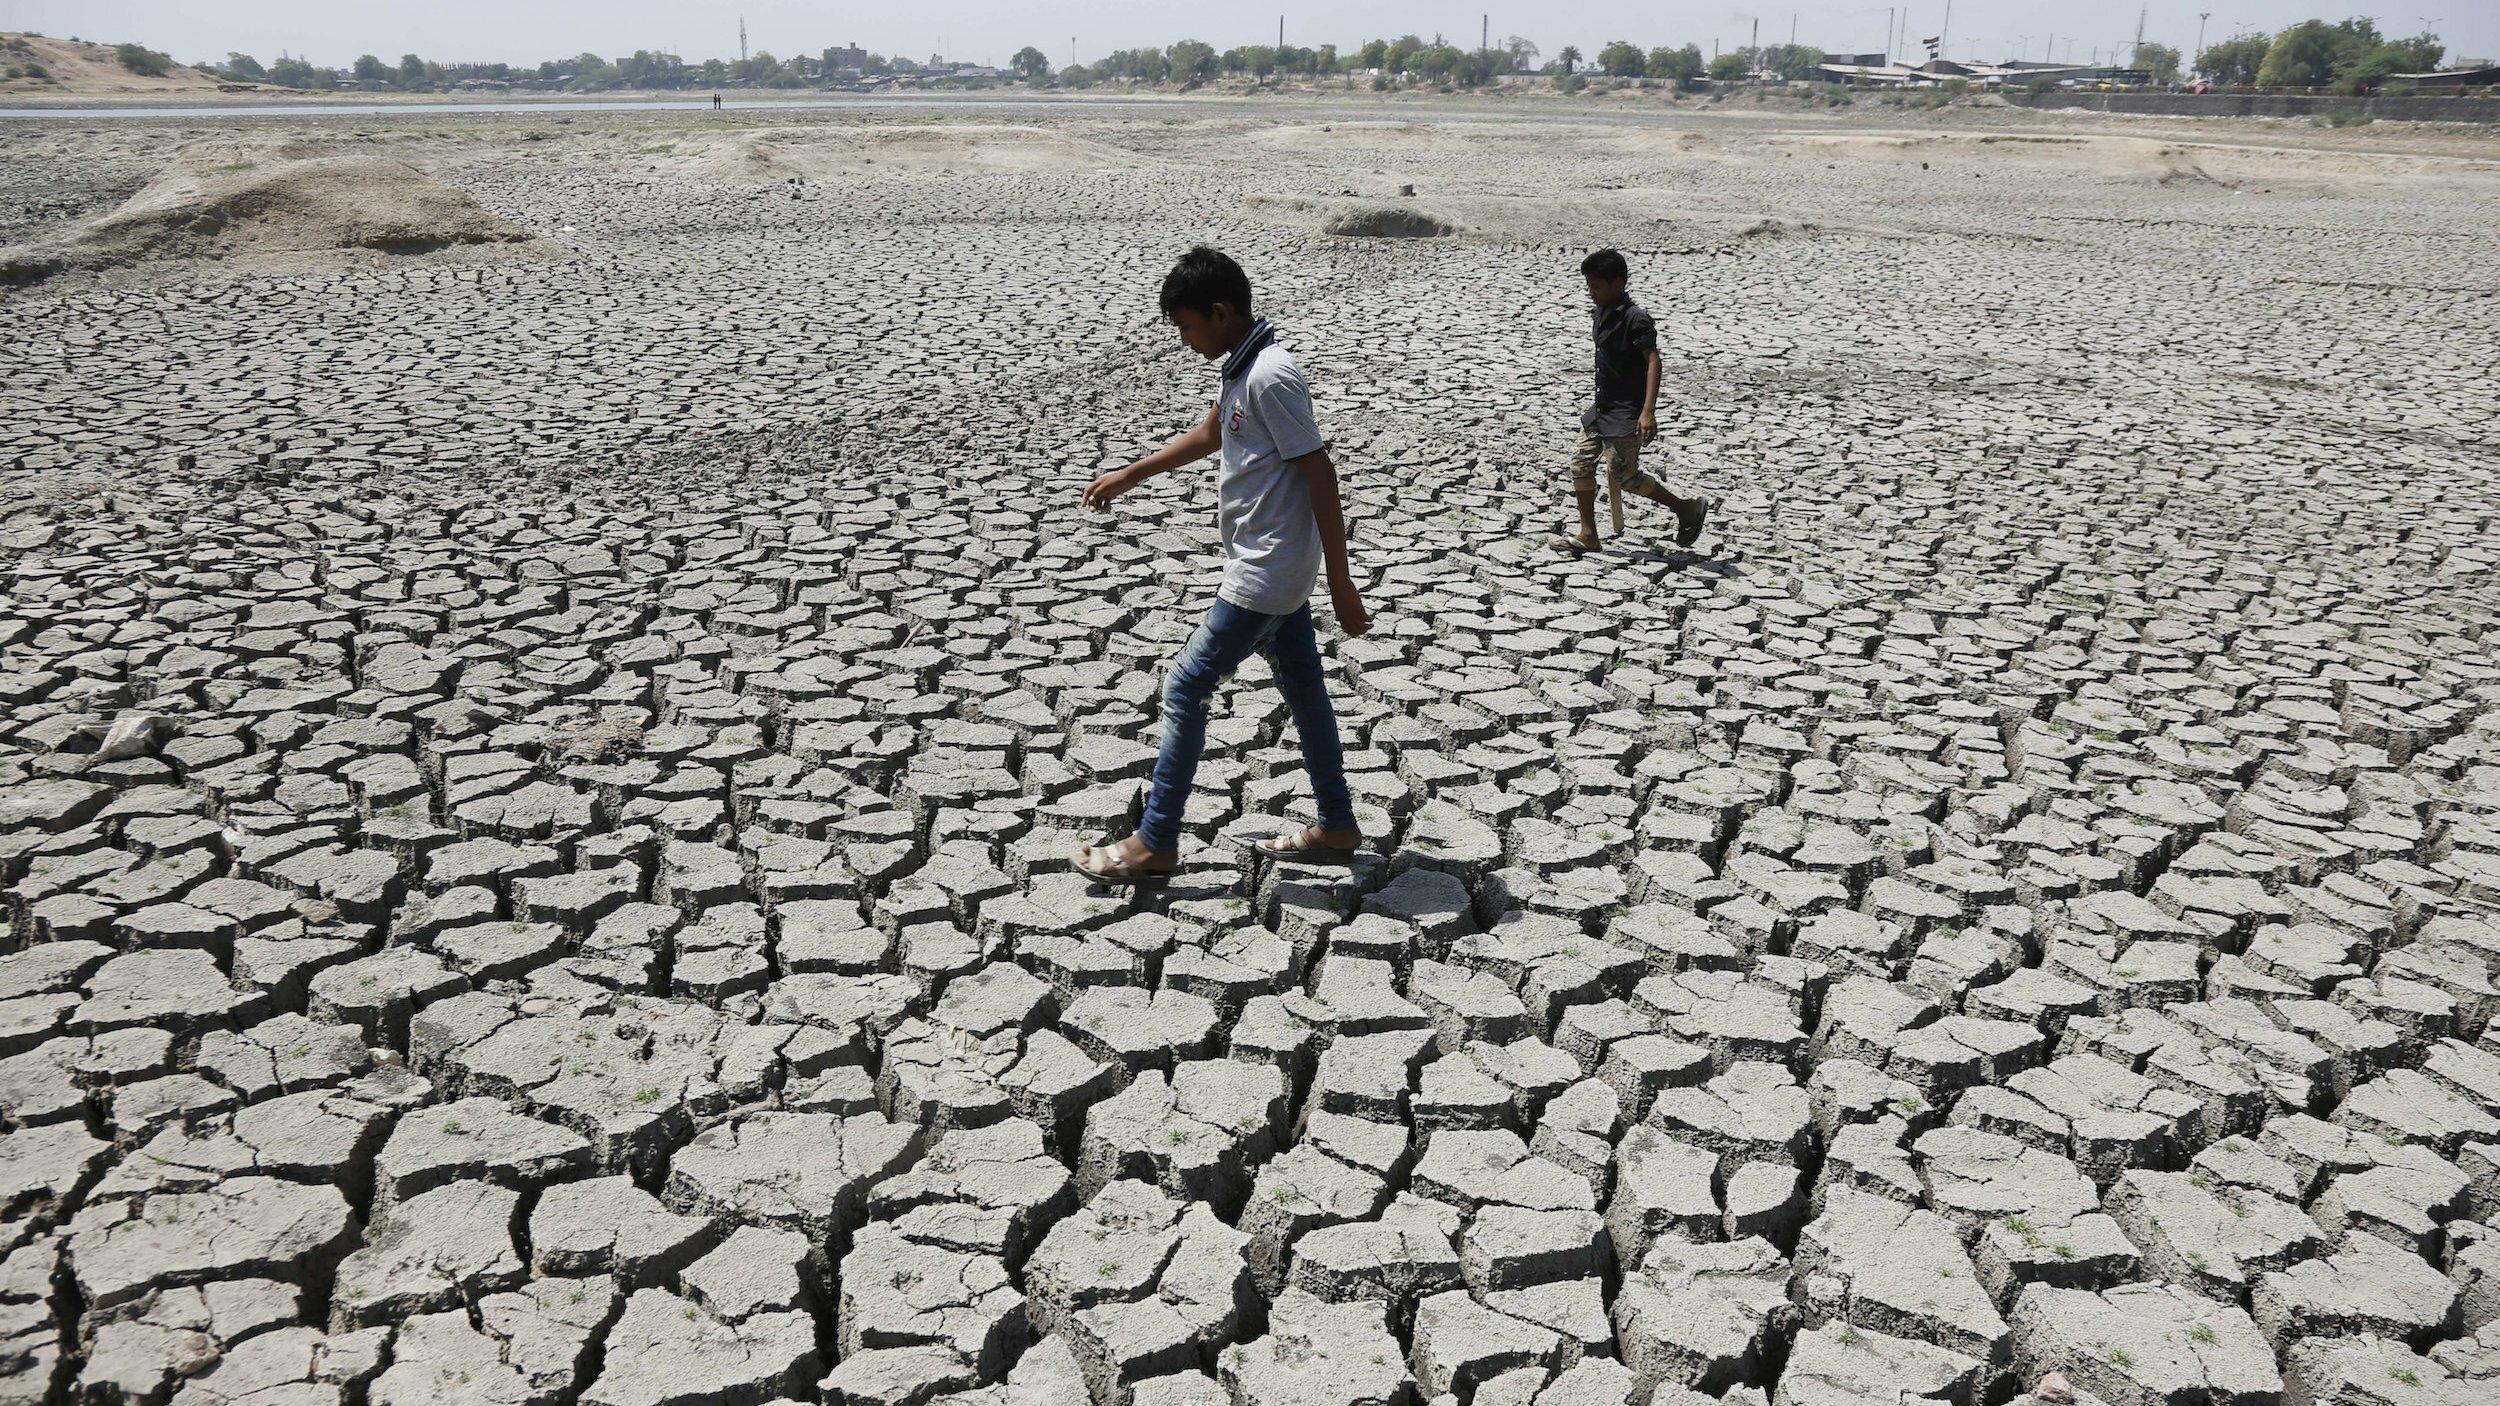 Zwei Männer laufen über den Grund eines ausgetrockneten Sees, dessen Boden durch die Trockenheit aufgeplatzt ist,